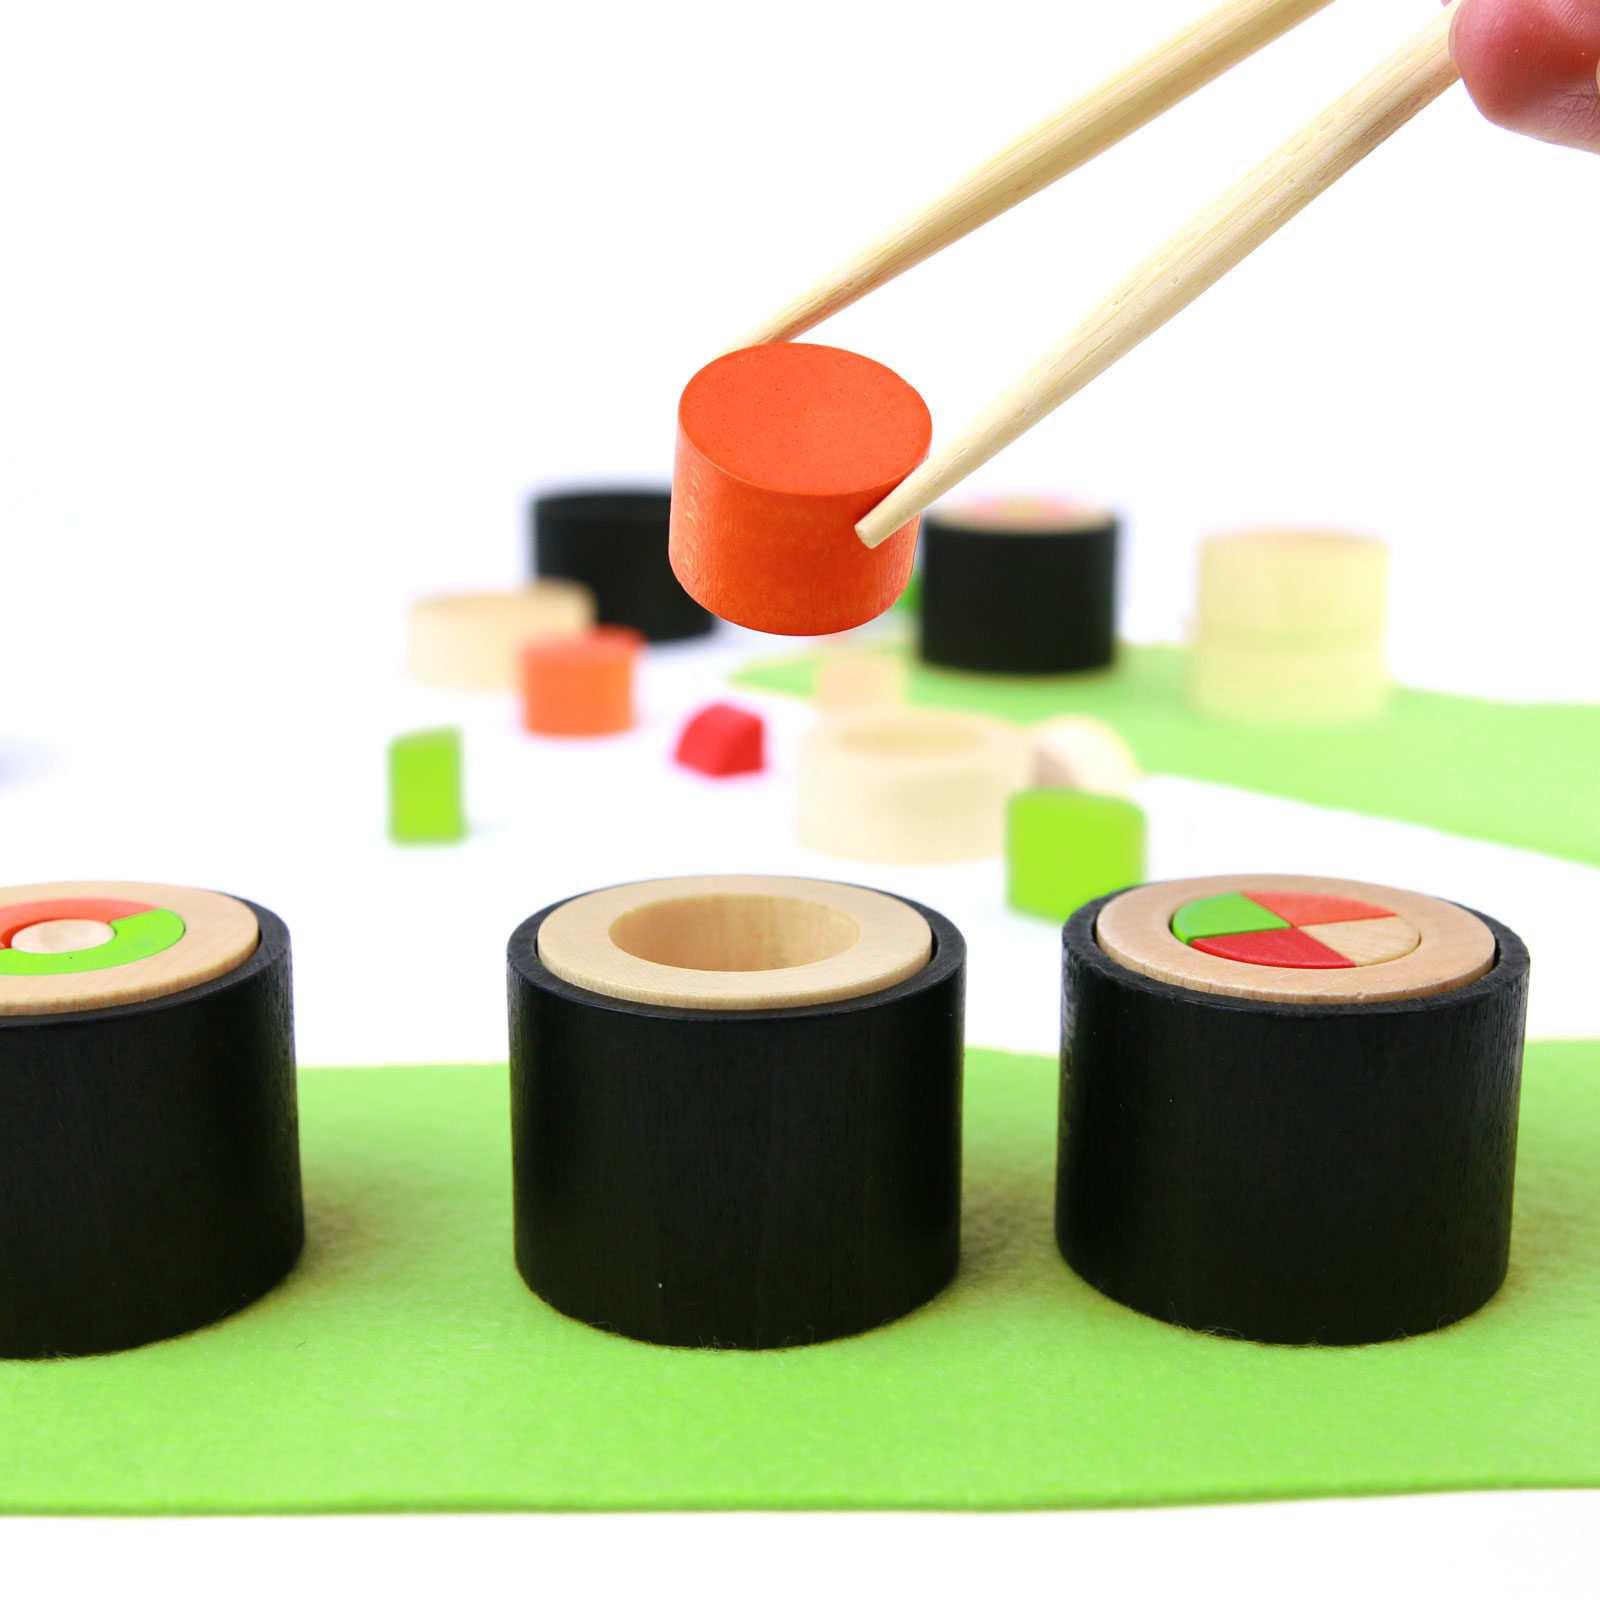 juegos de madera Milaniwood